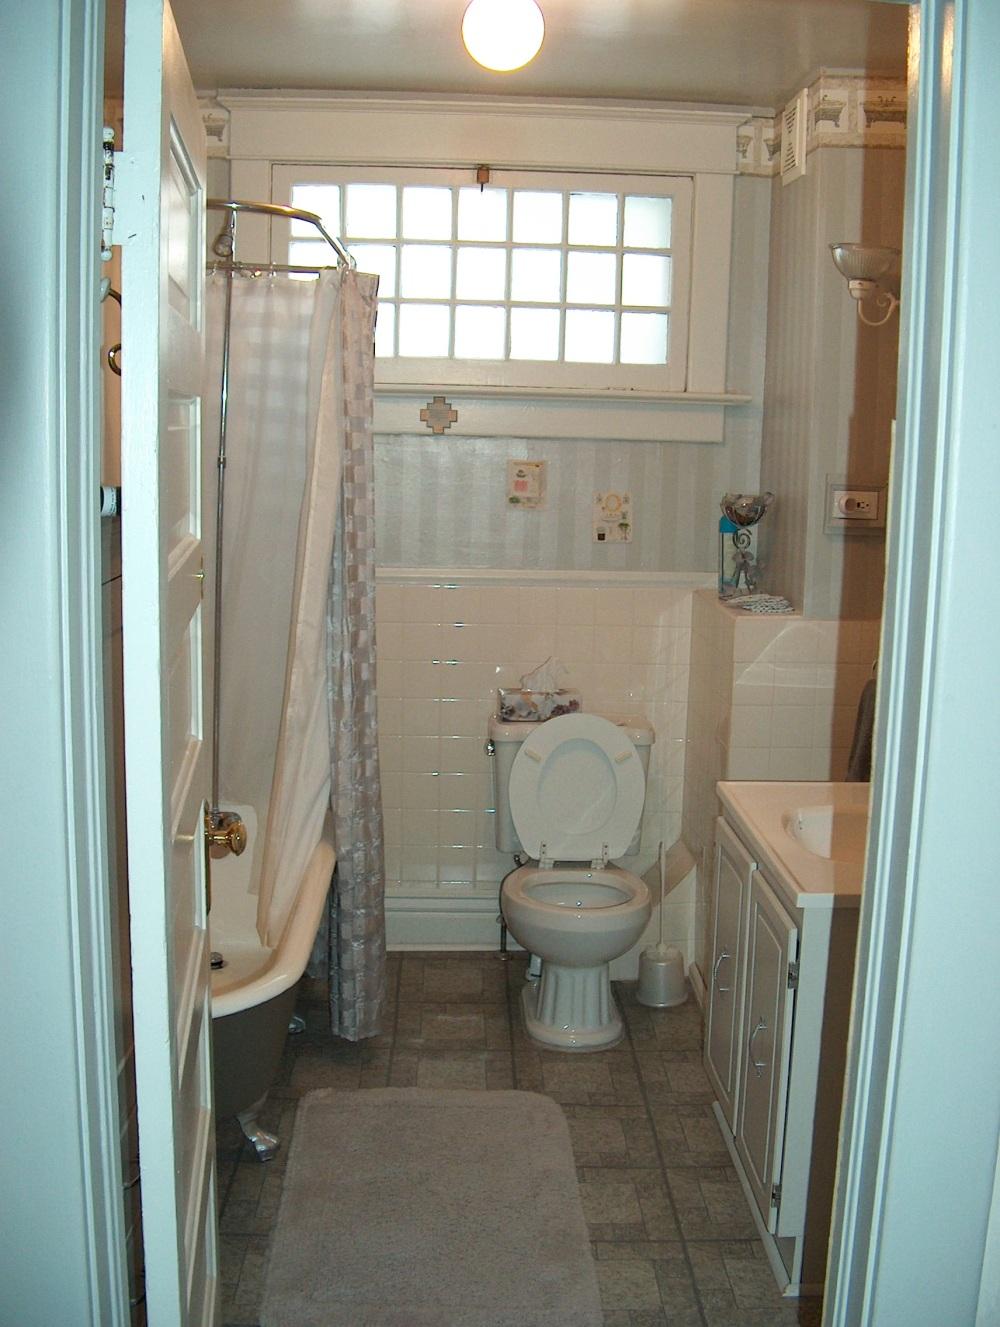 """Фотографии Виннипега. Гостевая ванная комната. Домашняя гостиница. """"Дикая Роза"""""""